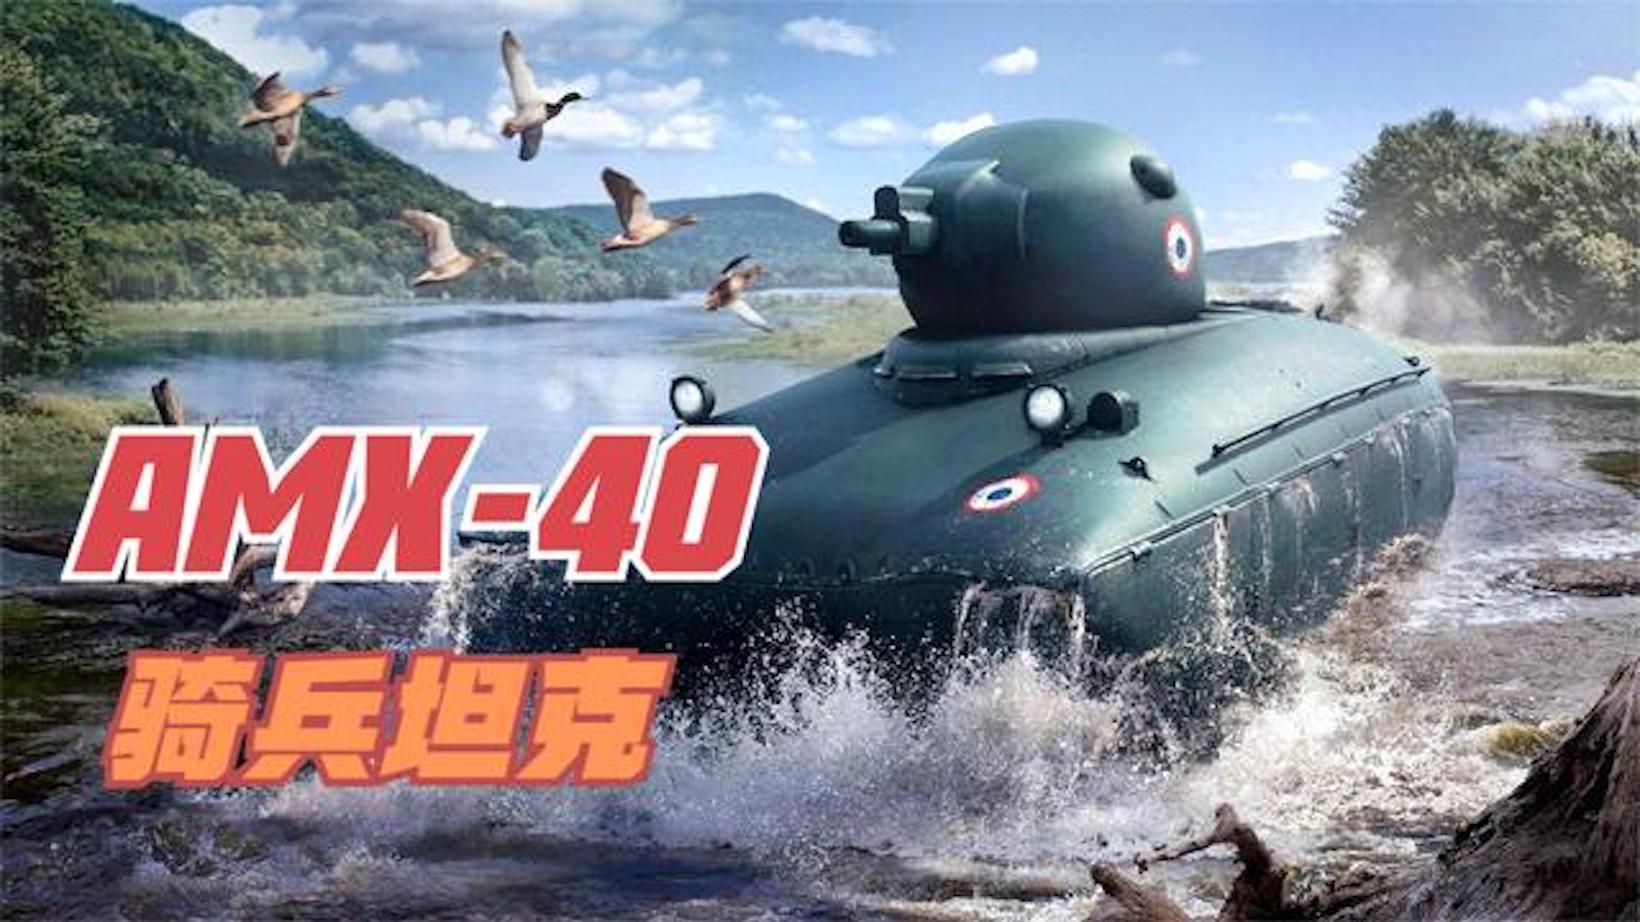 【讲堂584期】造型前卫的法国鸭子坦克,链子打断还能跑的AMX40骑兵坦克